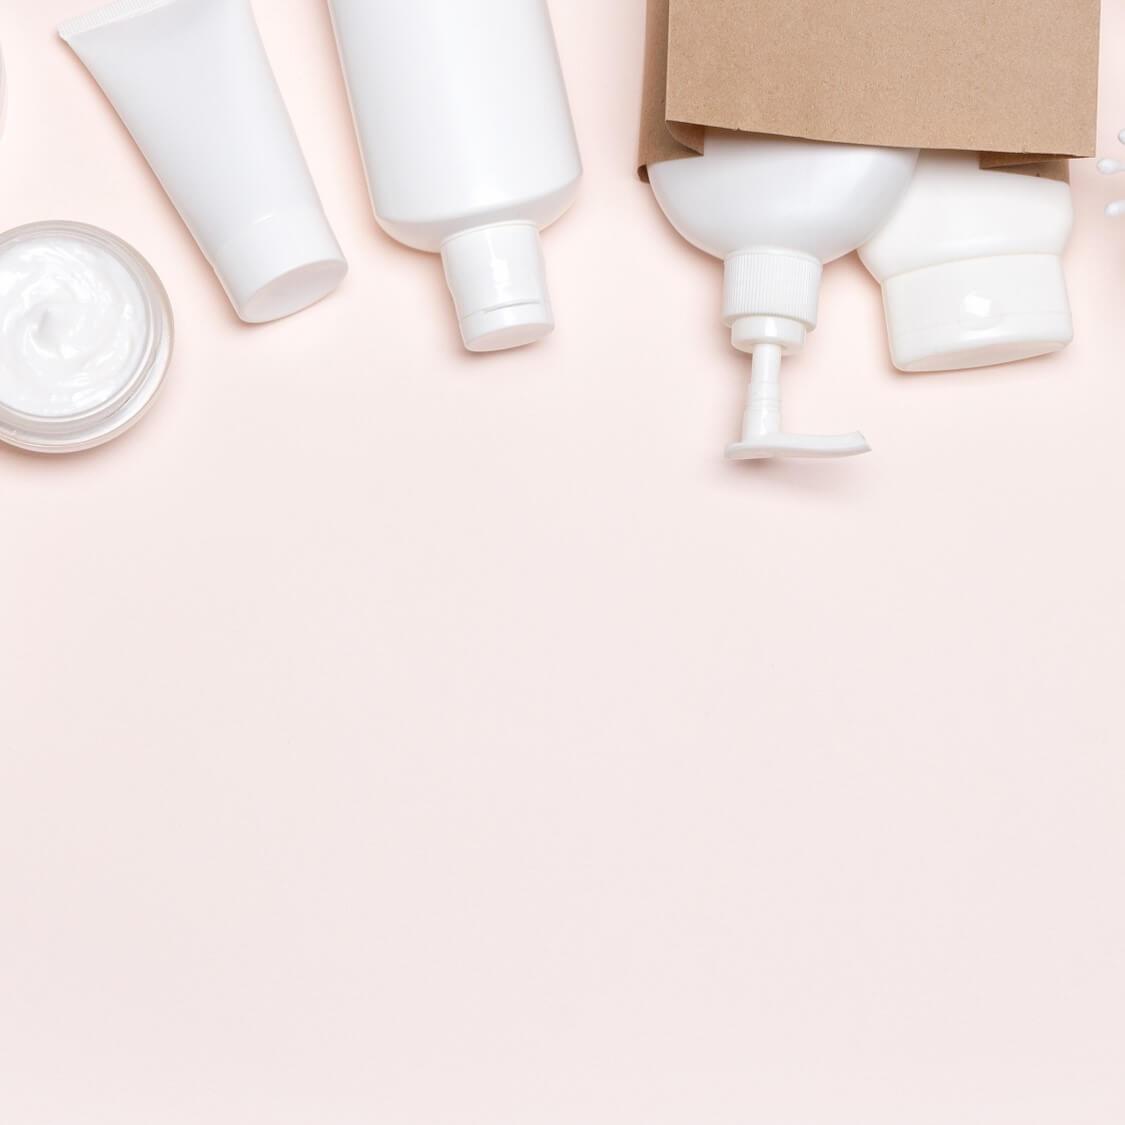 kosmetische_packmittel_nachhaltigkeit_mockup